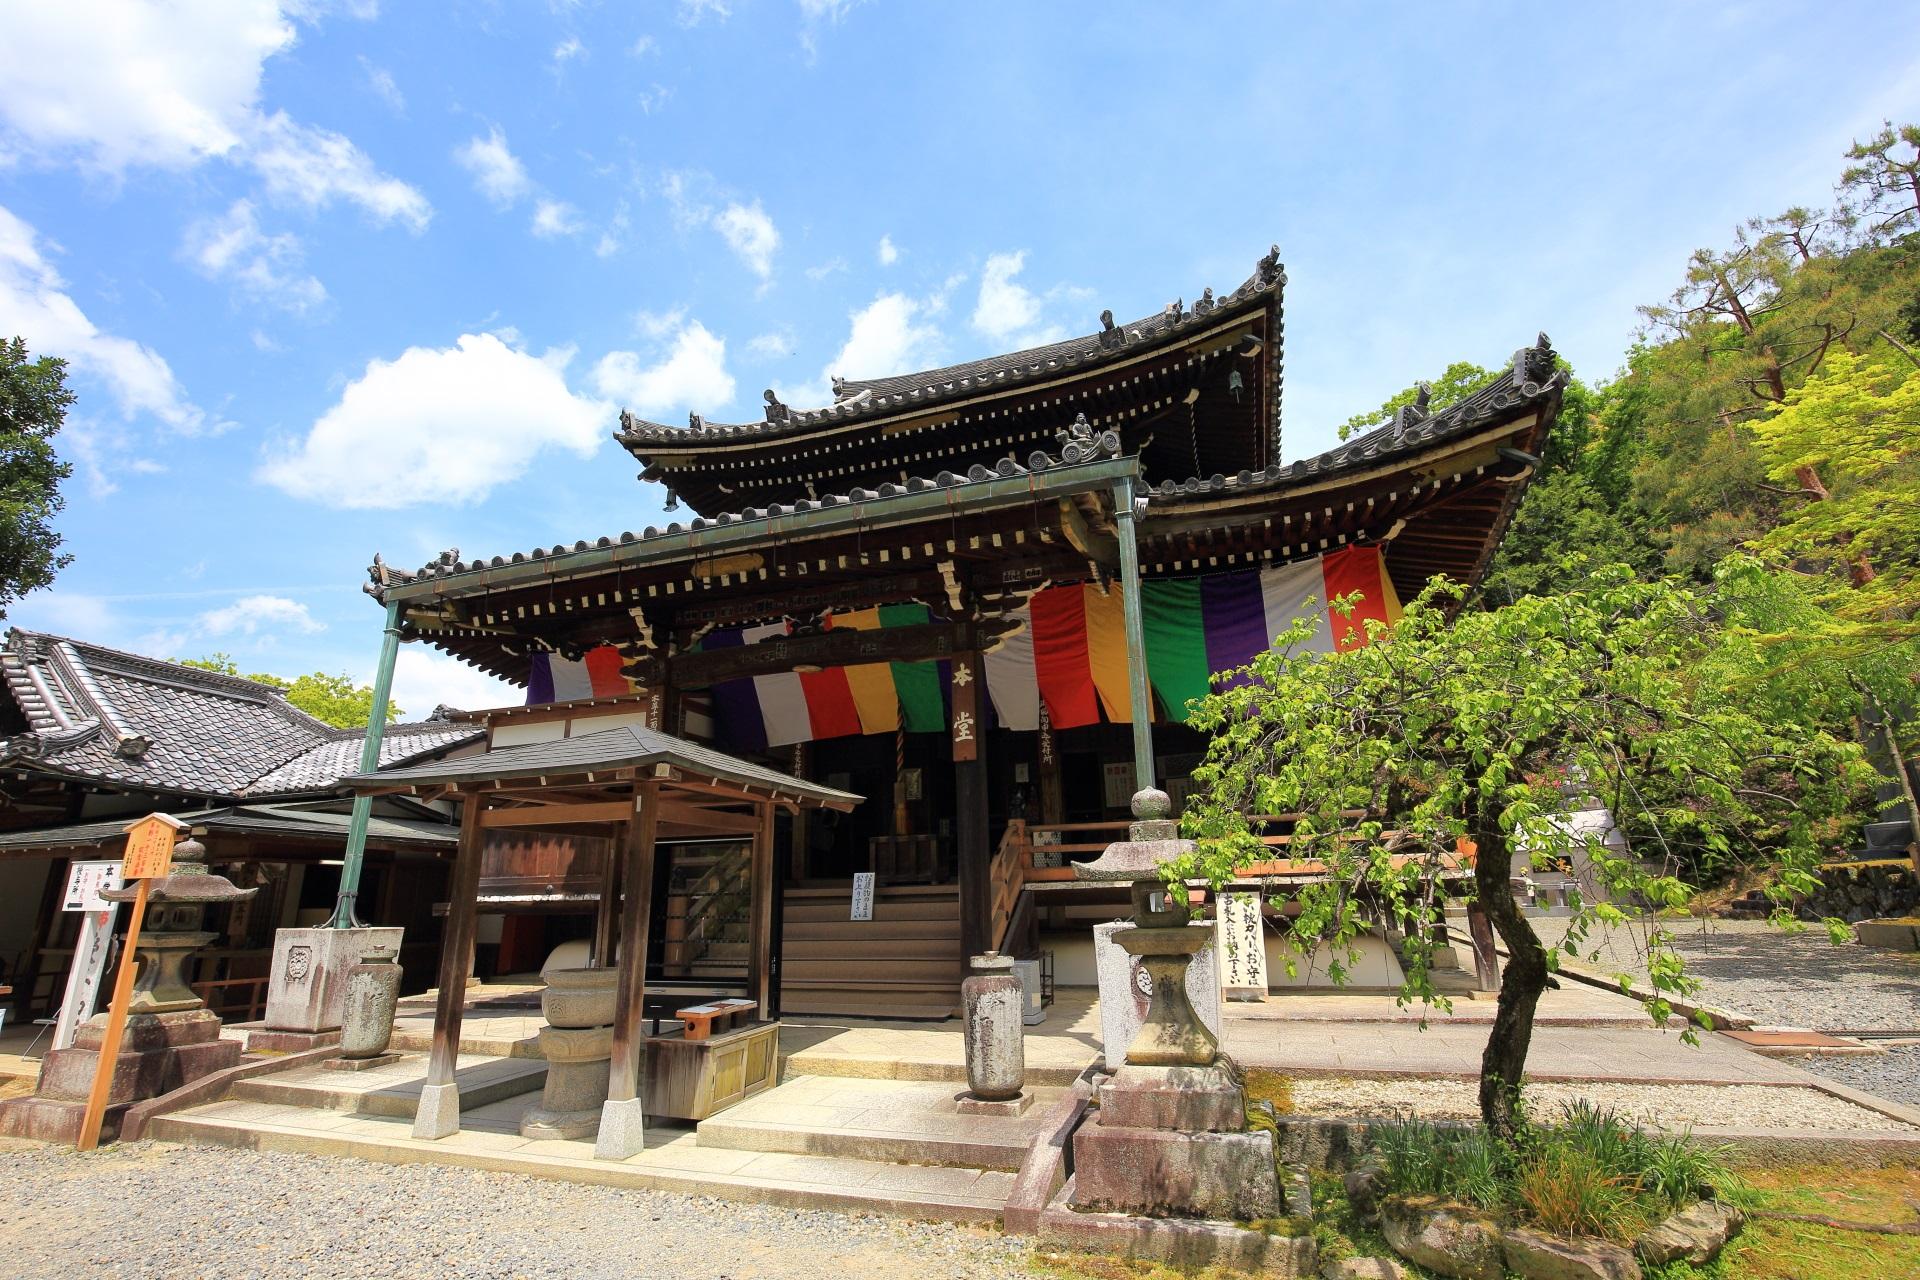 本堂 今熊野観音寺